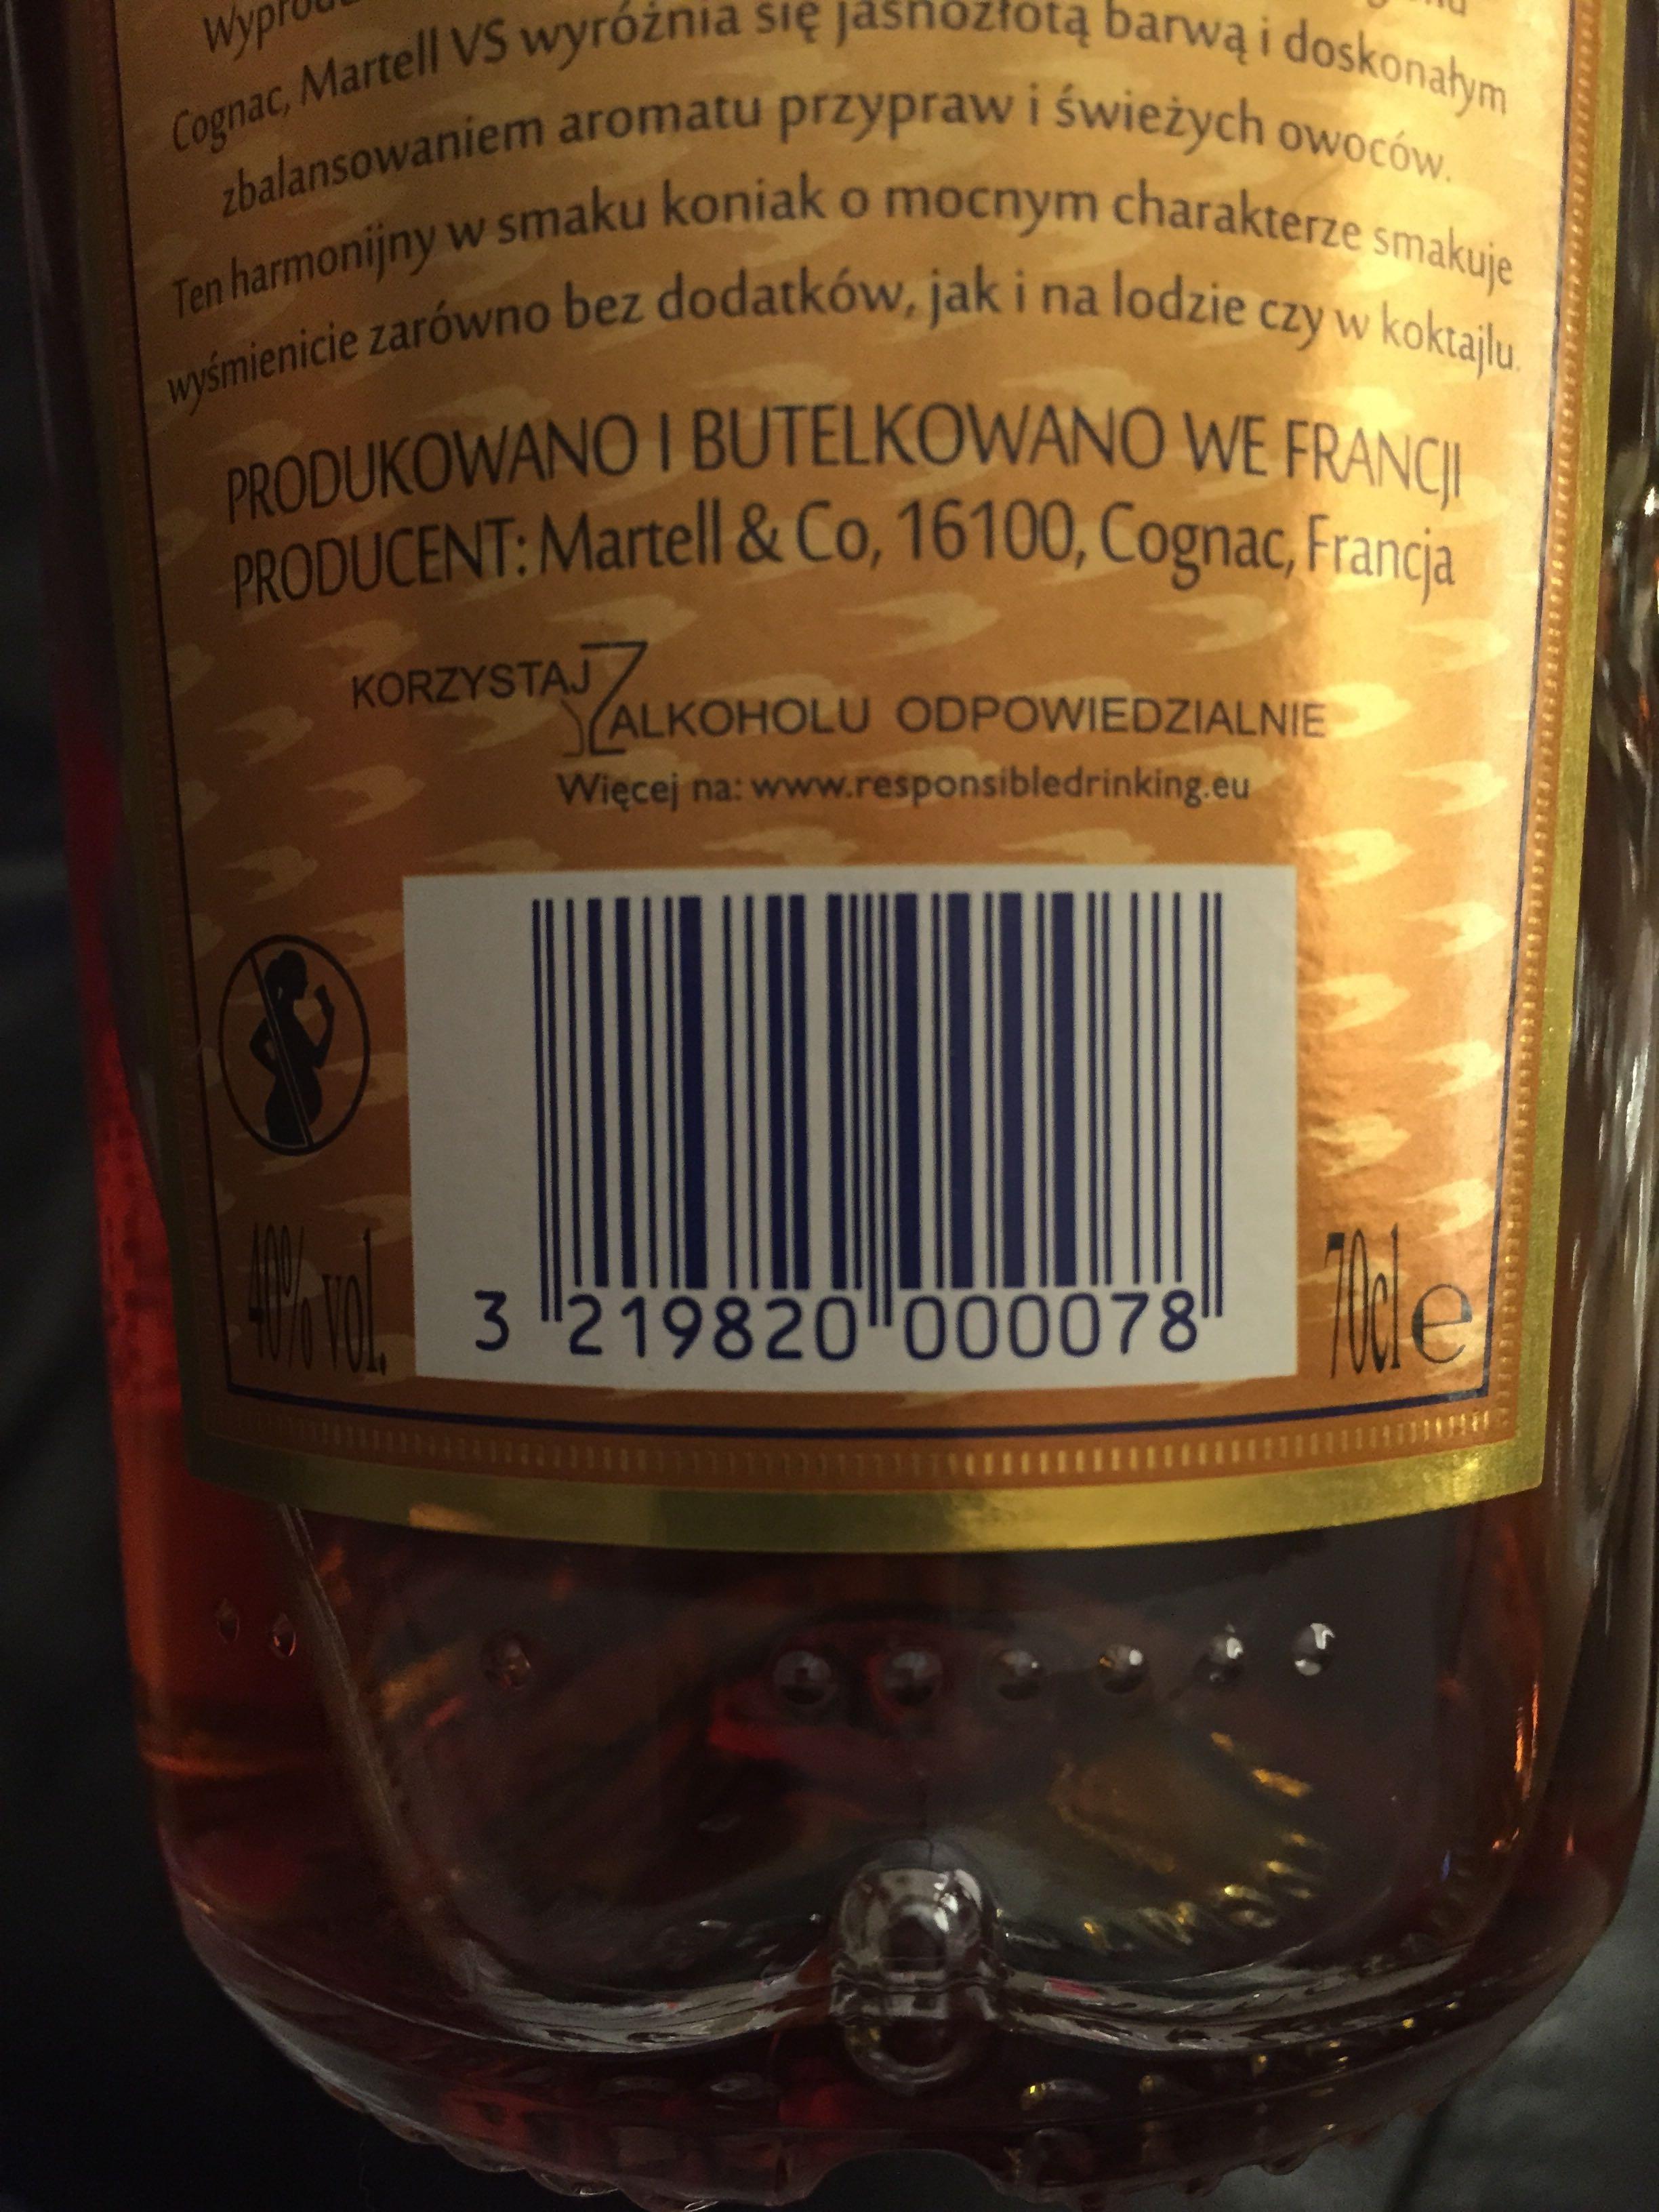 Martell Cognac - Produkt